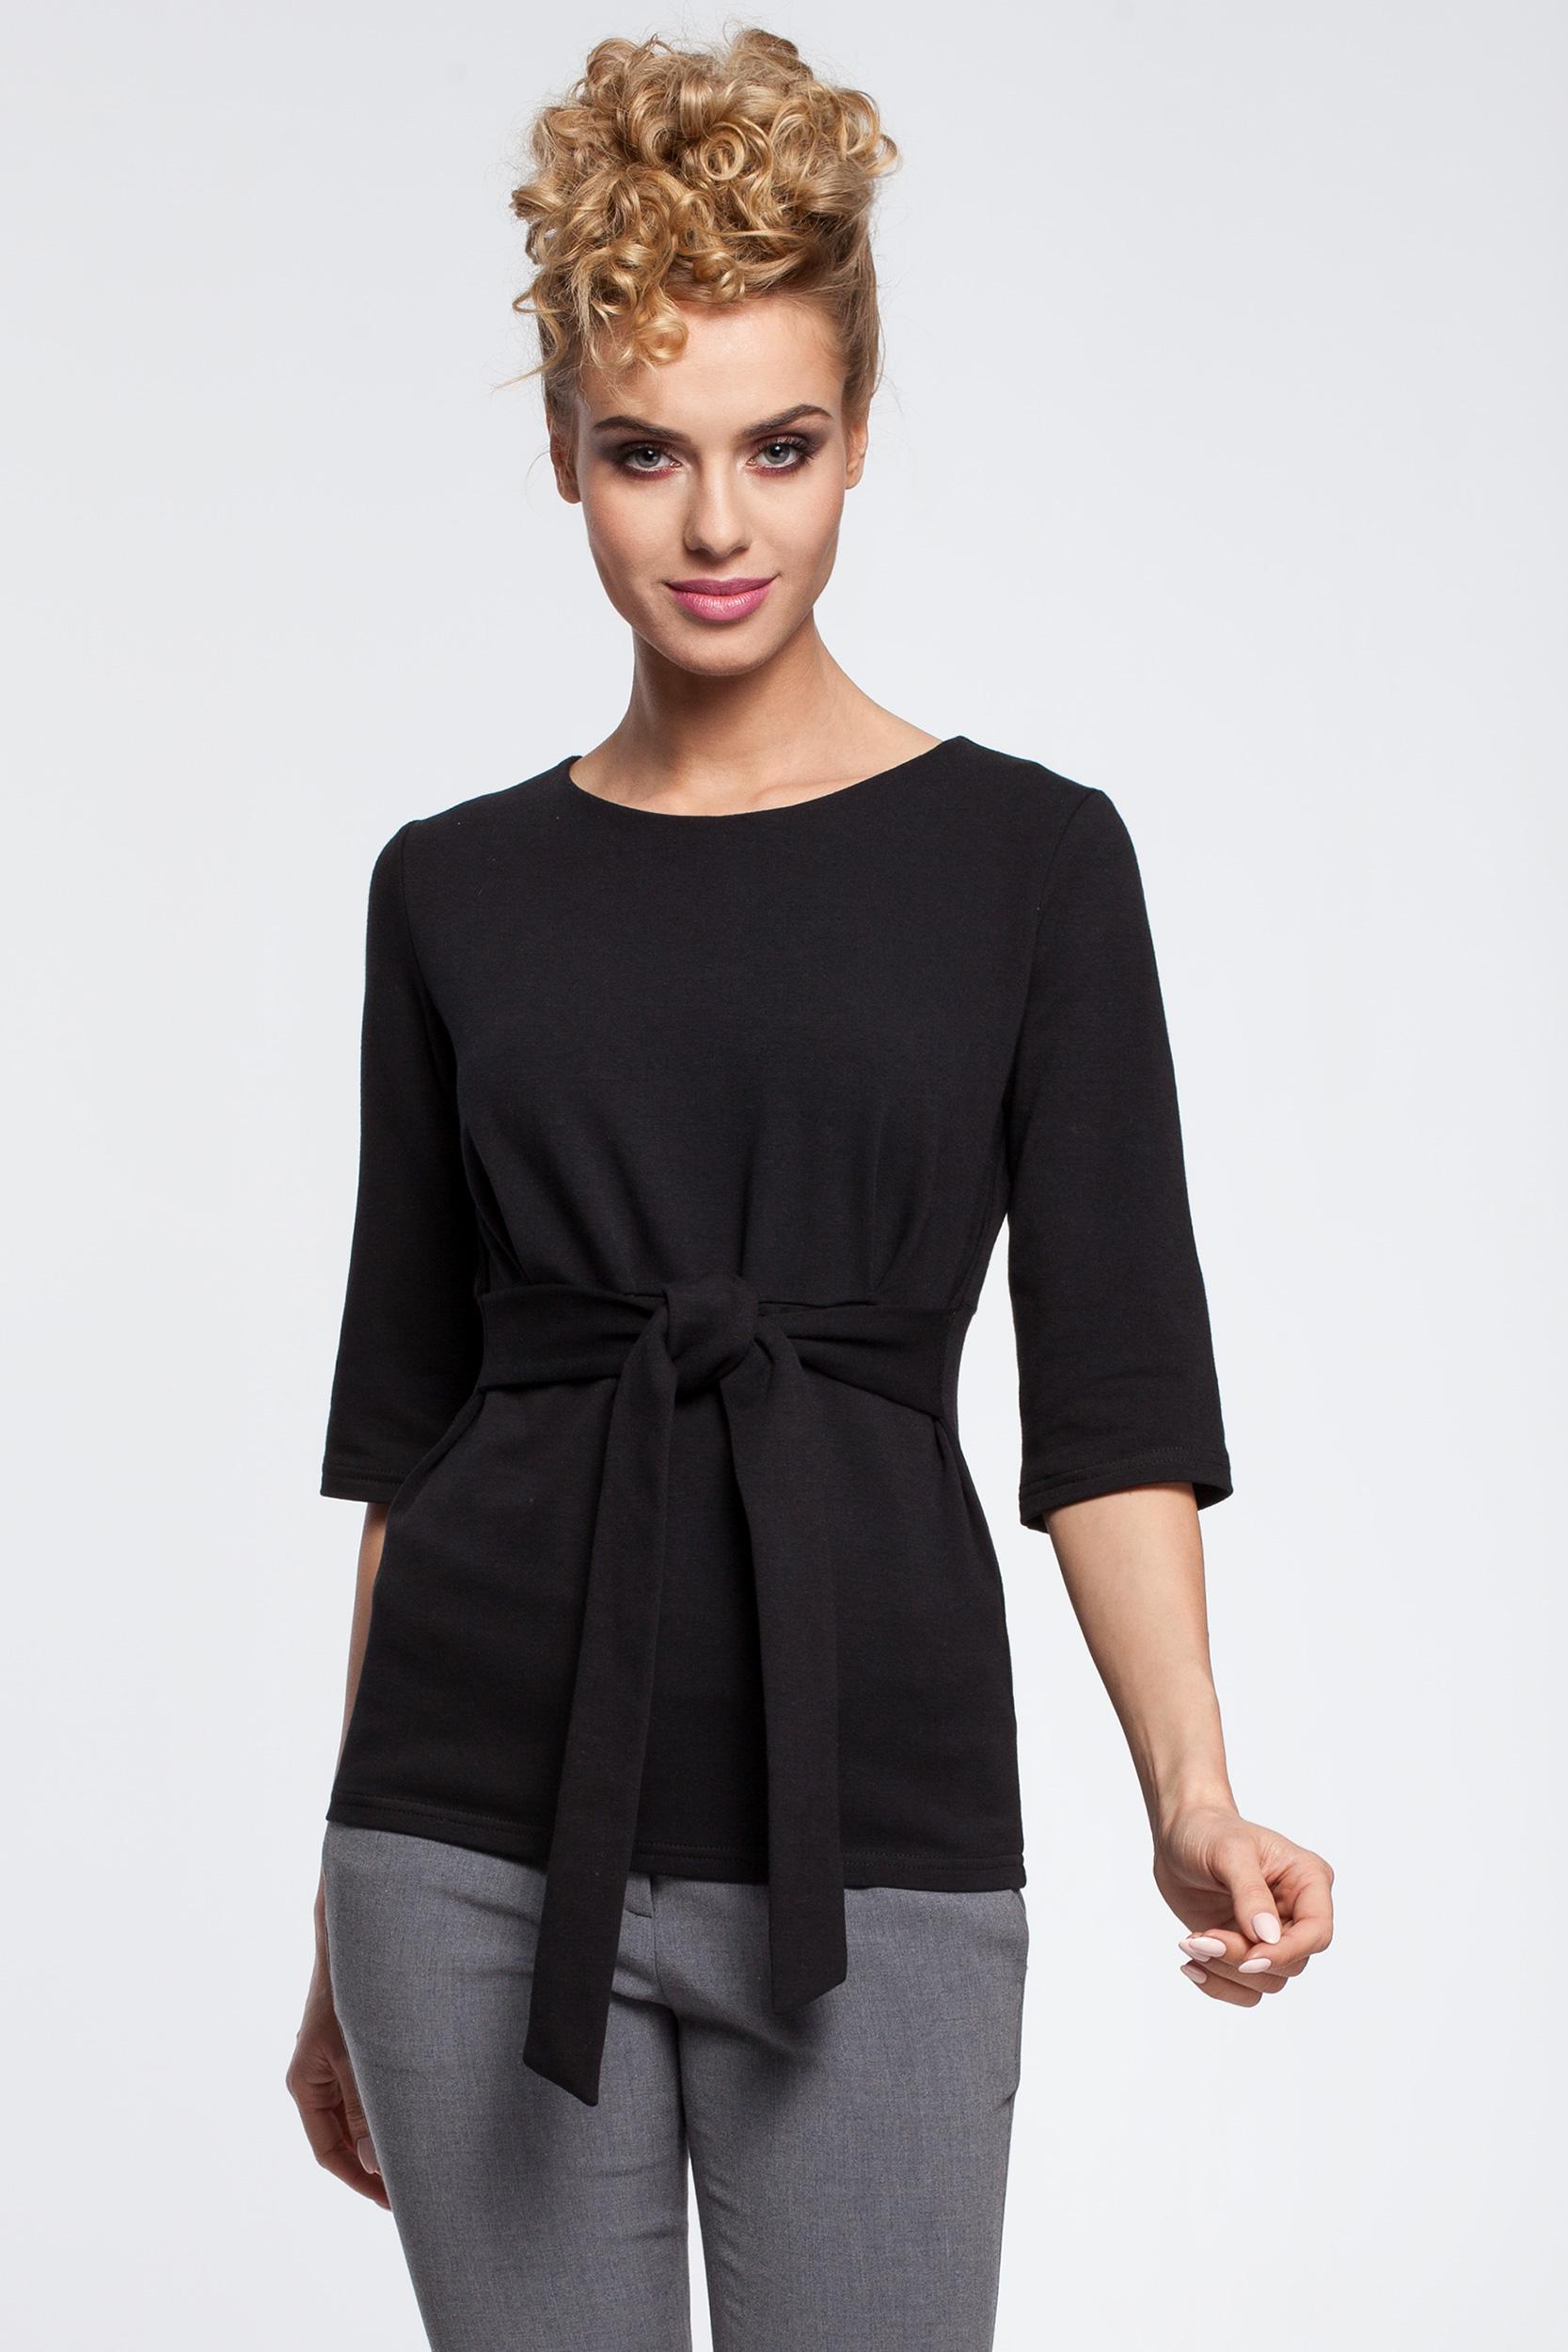 CM2903 Damska bluzka z zaszewkami i paskiem - czarna